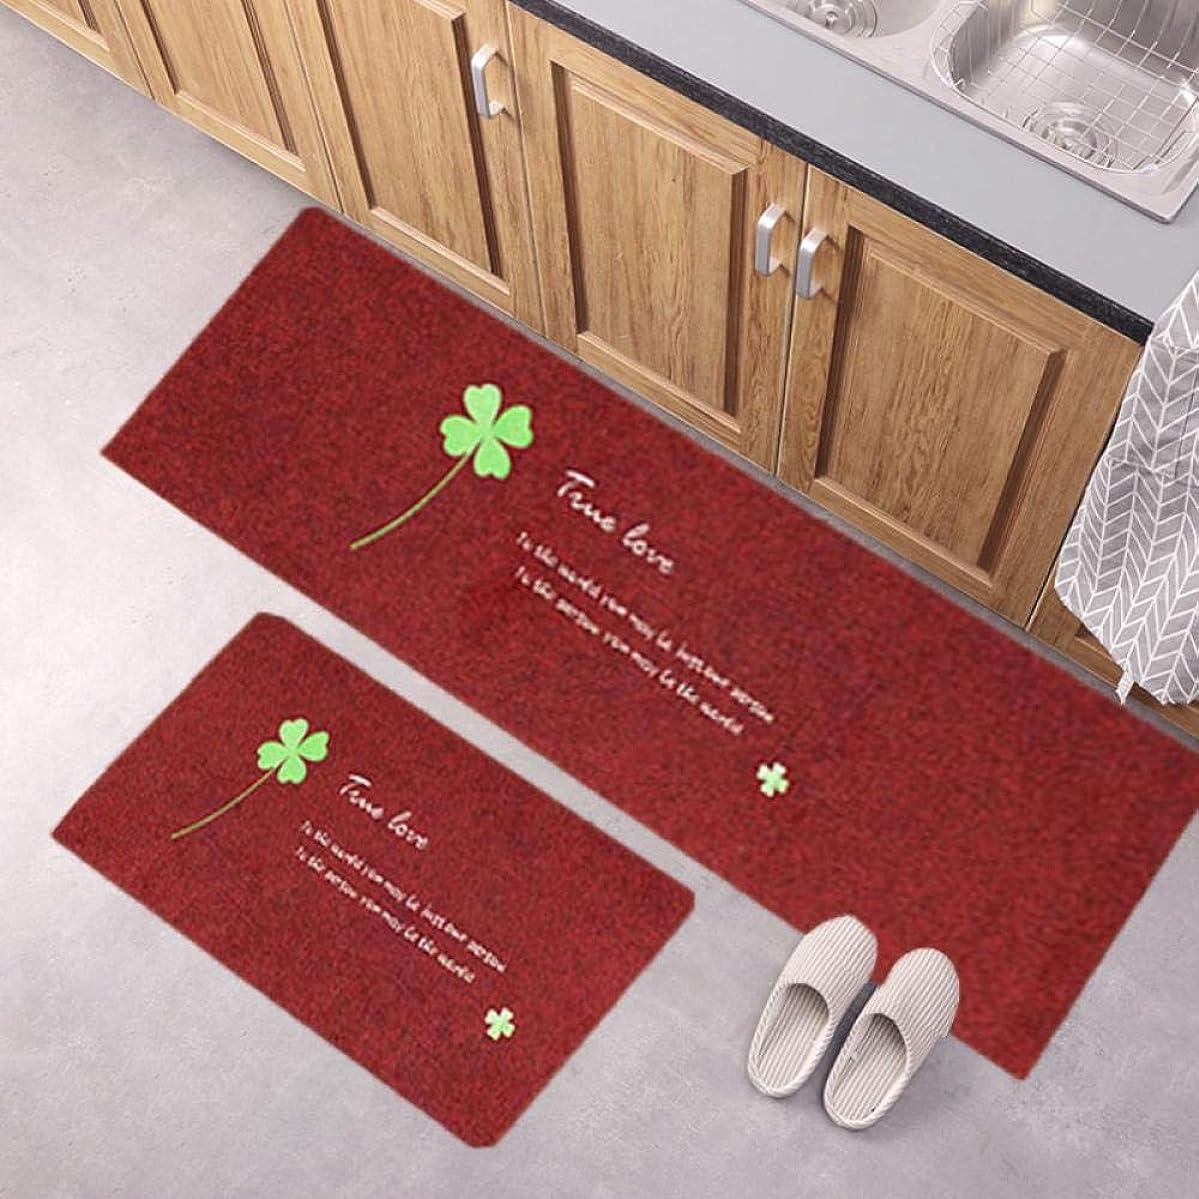 確かめるれる聖なるキッチンマット2枚セット抗疲労 滑り止め 吸水 速乾 洗える 足ふきマット バスマット 台所マット(赤 50x80cm+50x160cm)